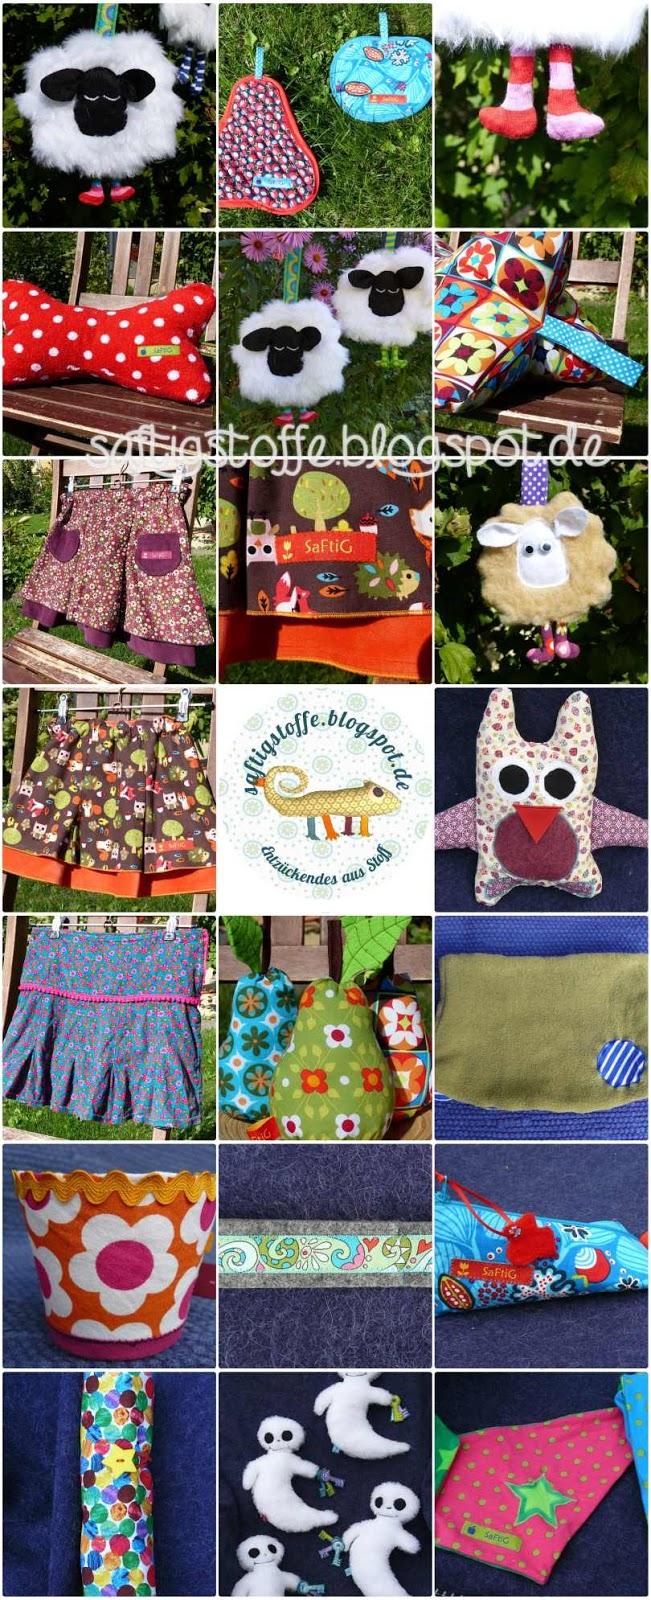 Herbstdeko, Schäfchen, Kissen und Kinderbekleidung aus Stoff